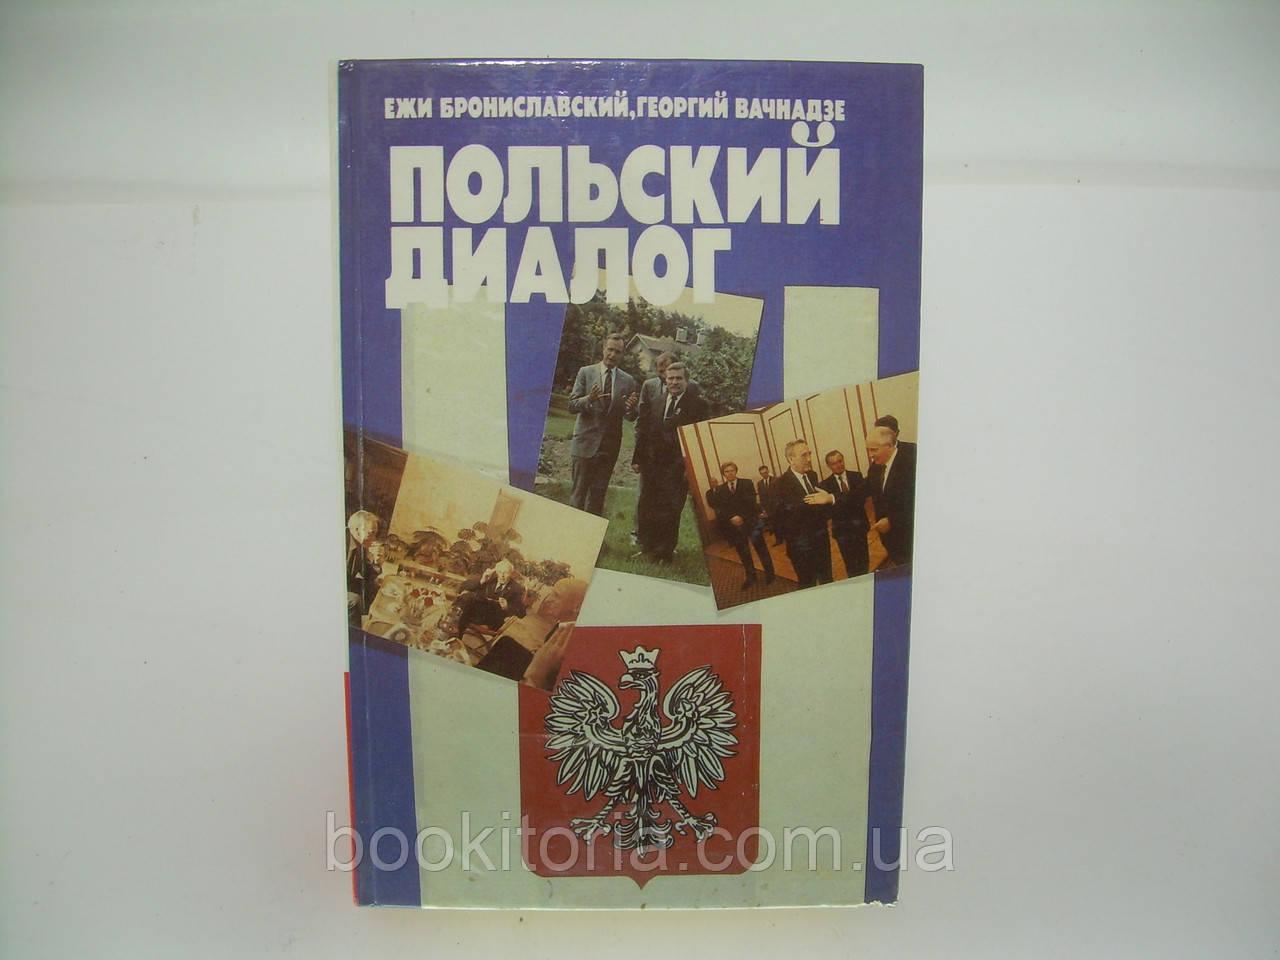 Брониславский Е., Вачнадзе Г.Н. Польский диалог (б/у).